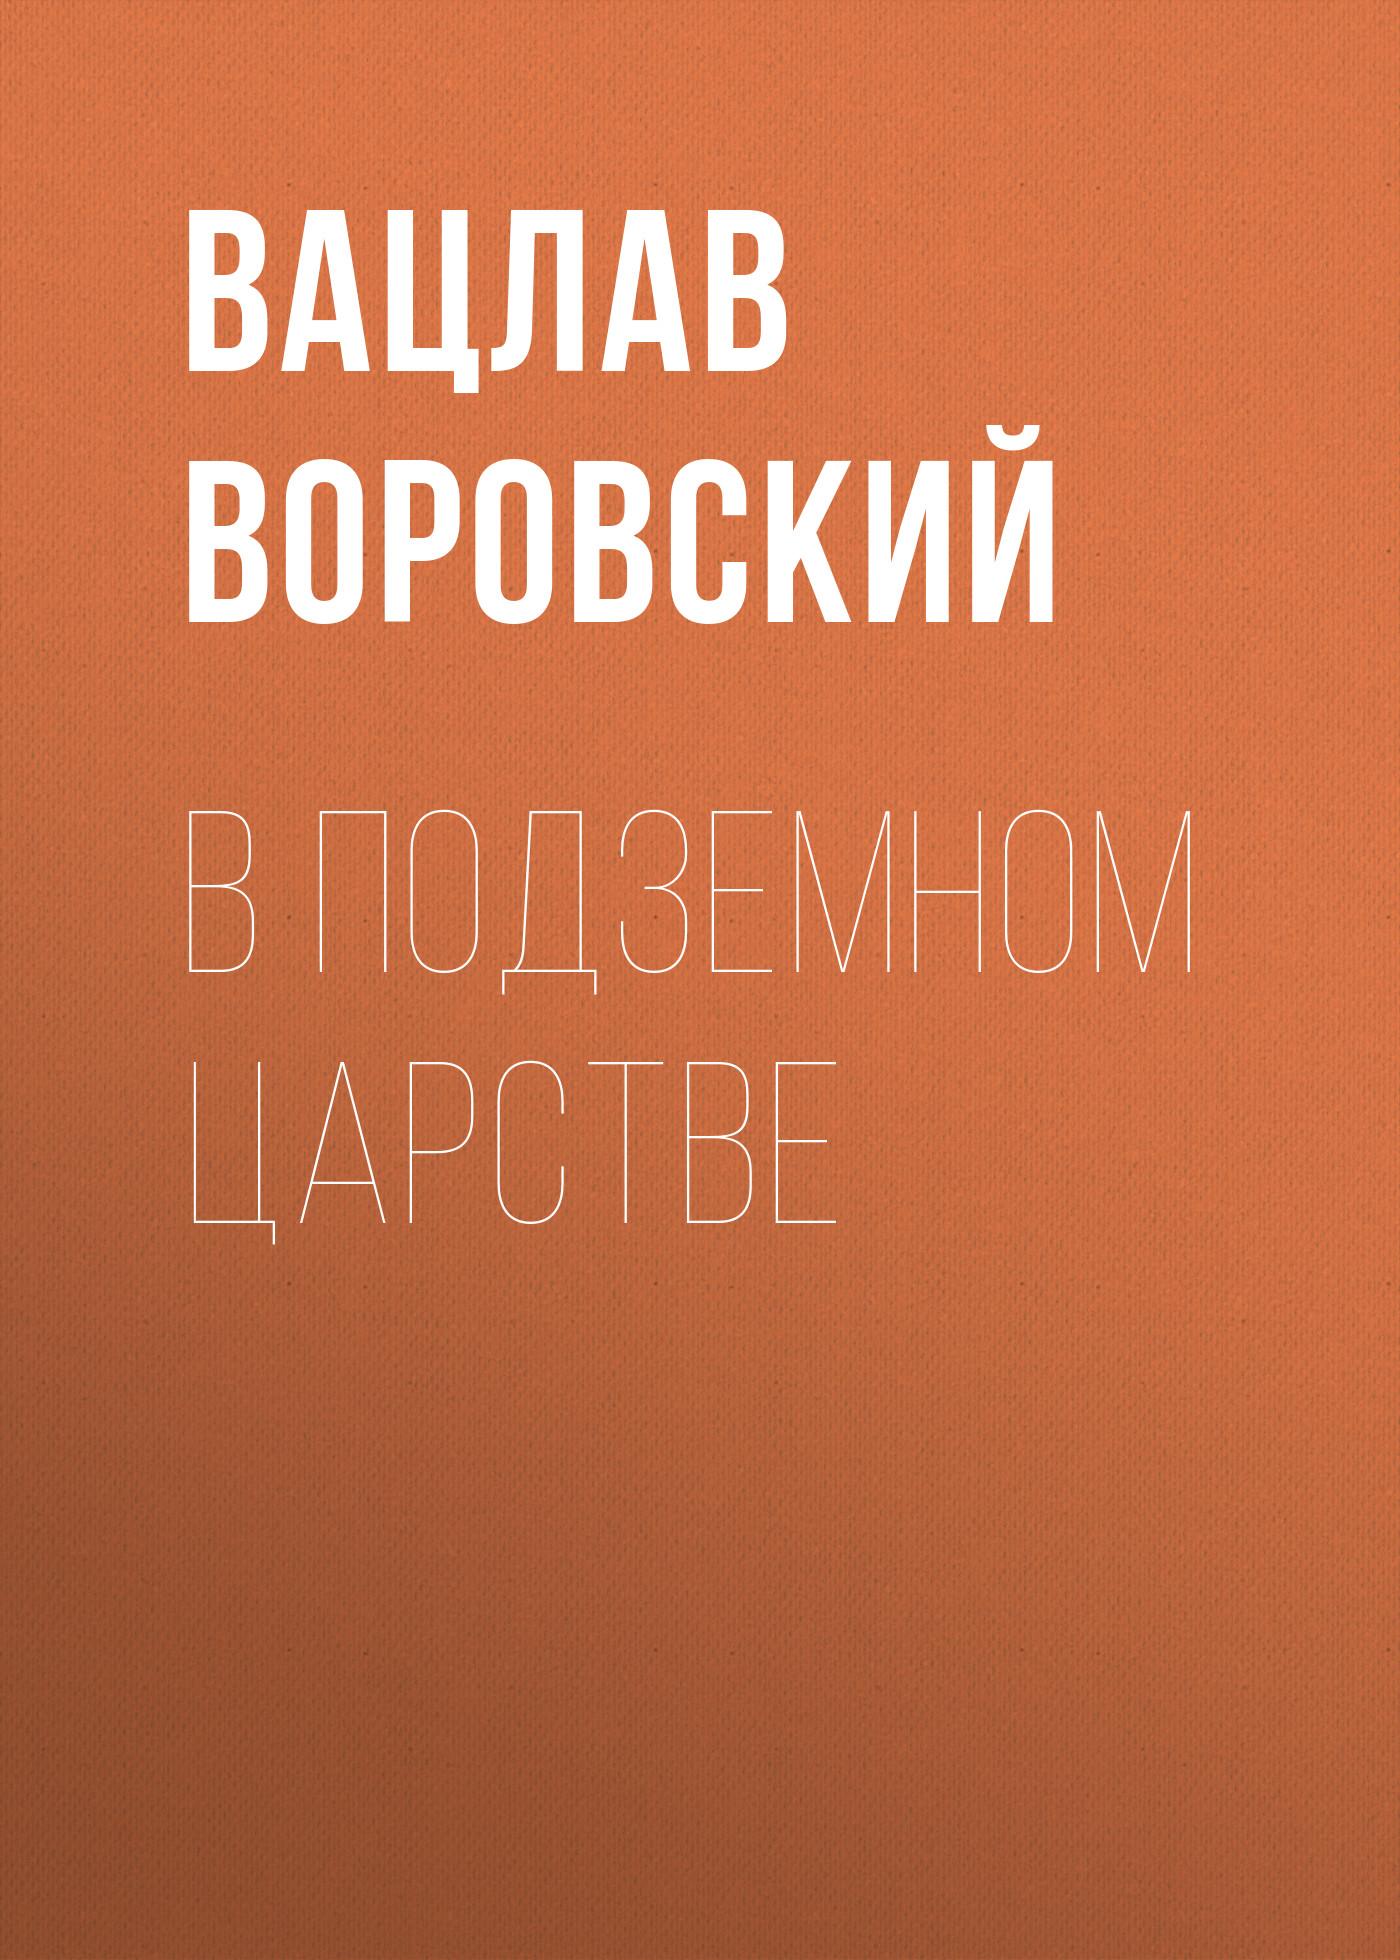 Вацлав Воровский В подземном царстве